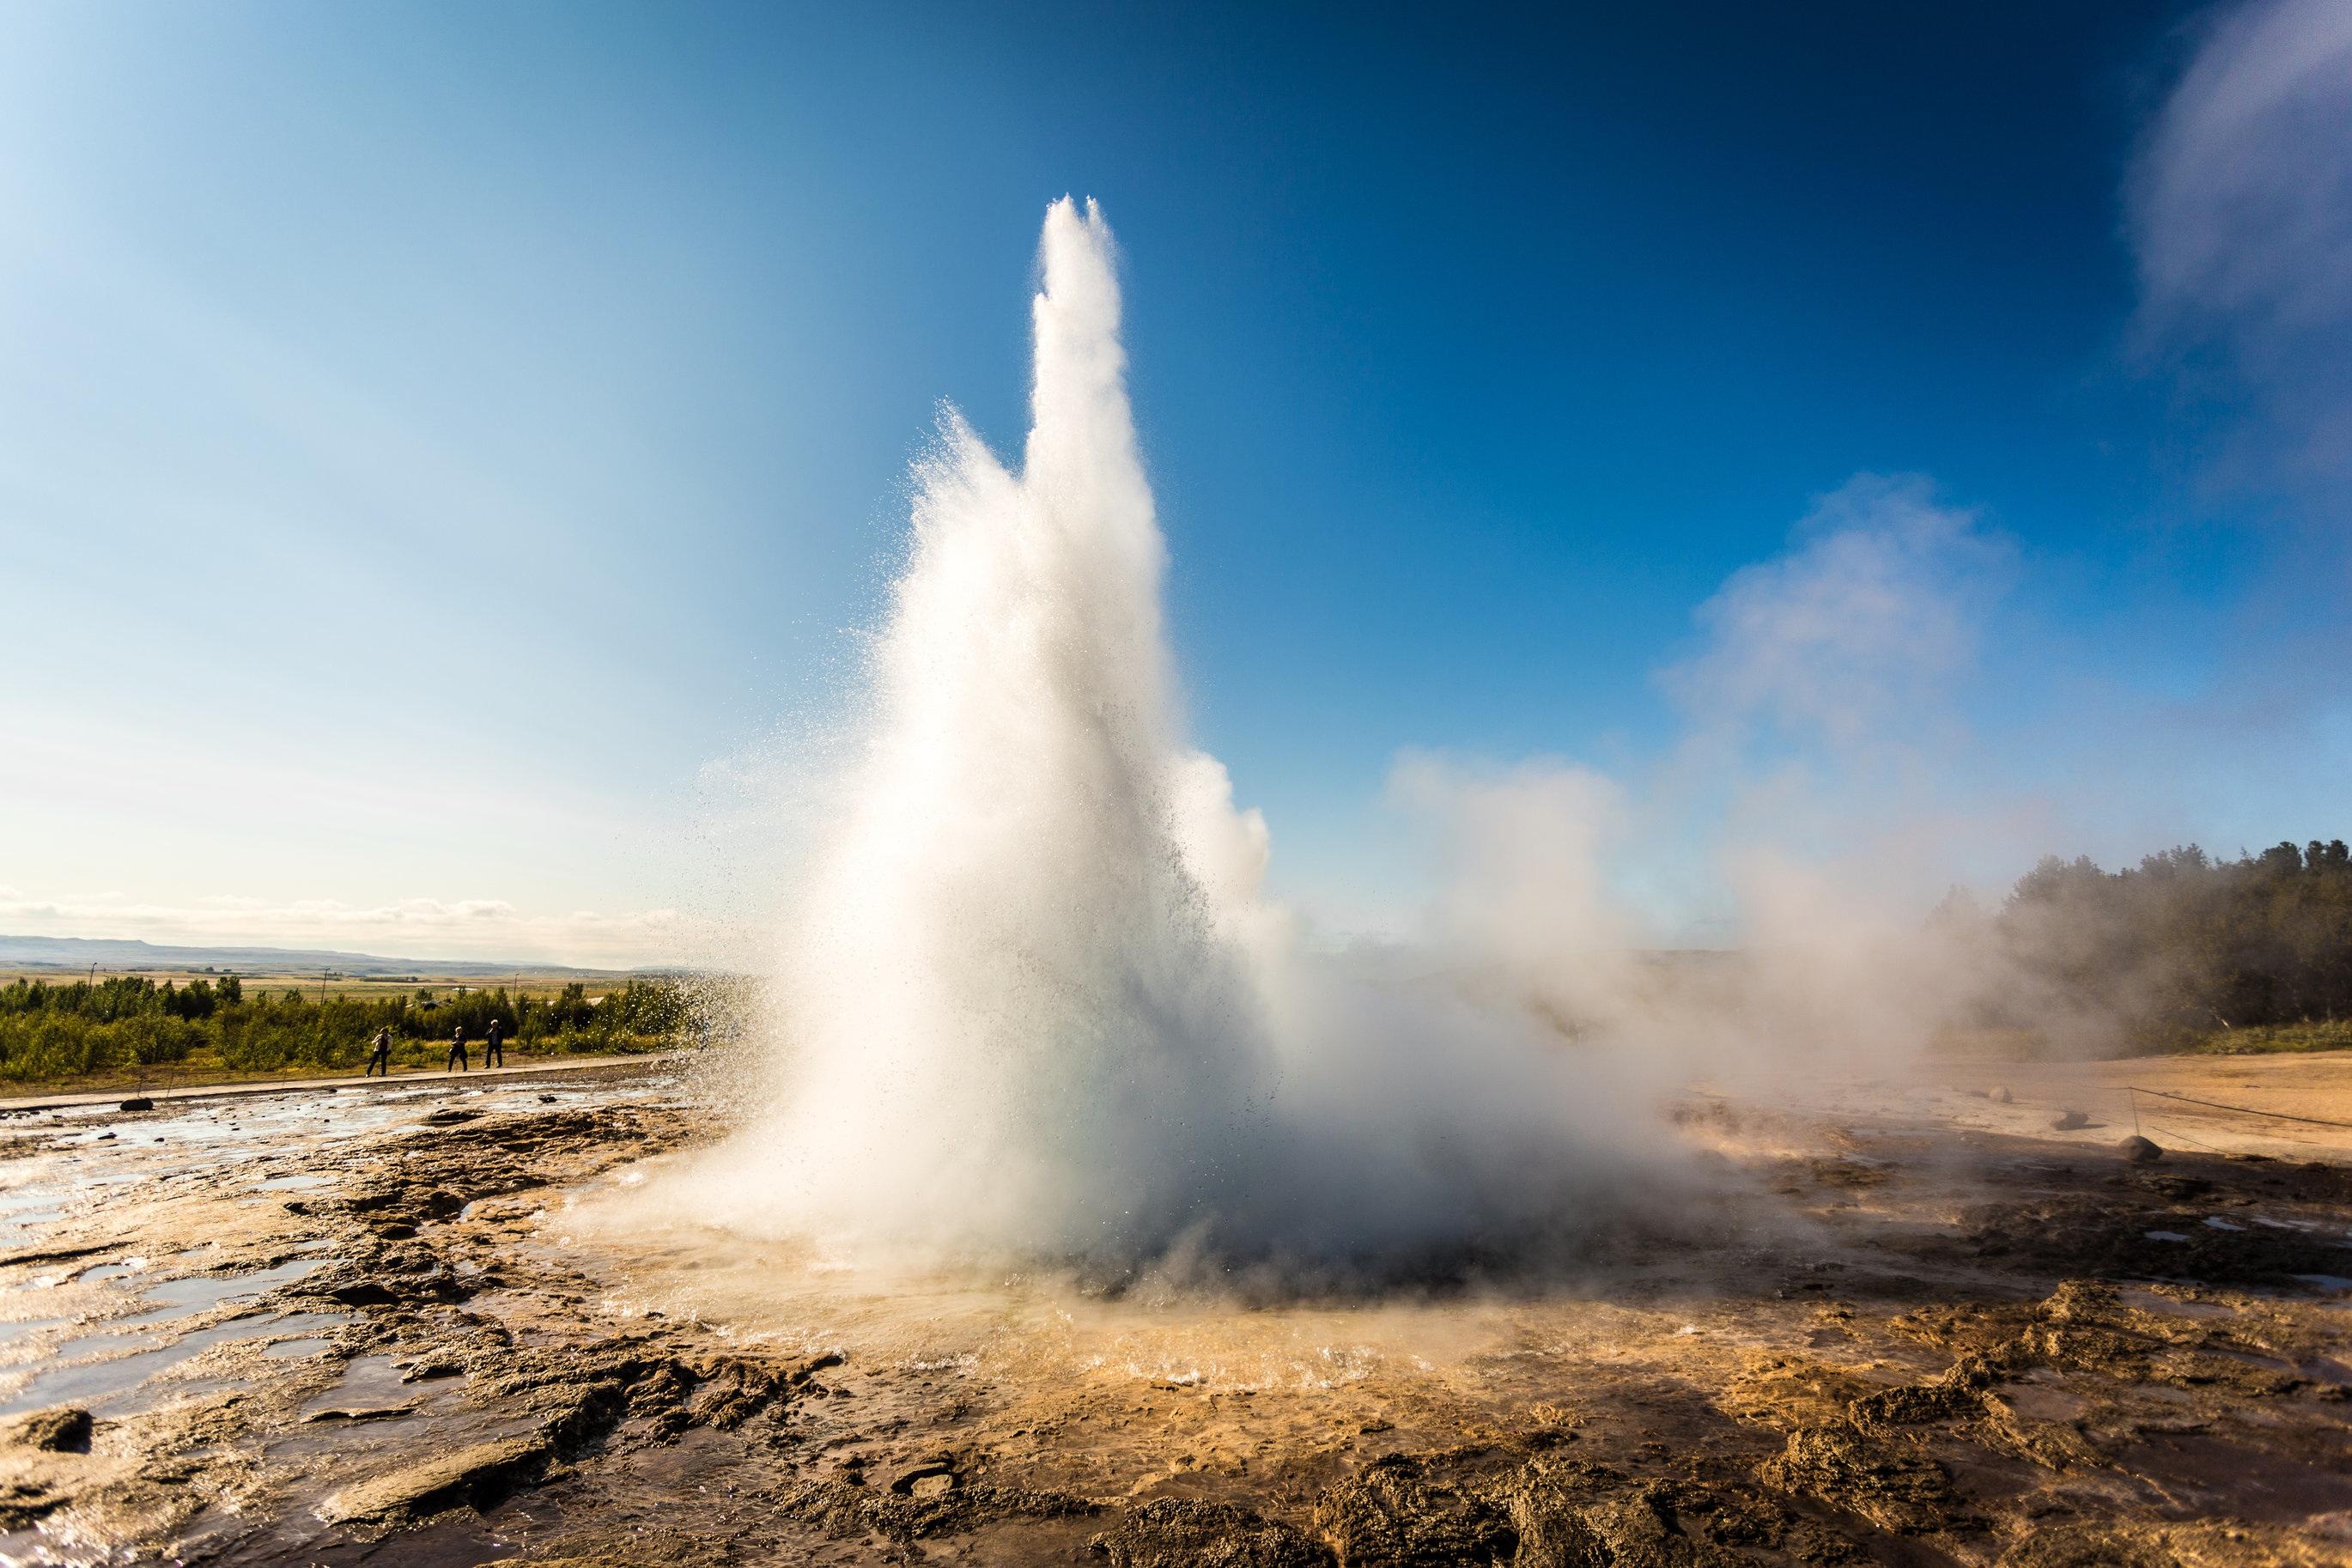 สโทรคูร์ (ในภาษาไอซ์แลนด์แปลว่า 'เป็นฟอง') ถูกจัดว่าเป็นธารน้ำแข็งน้ำพุ